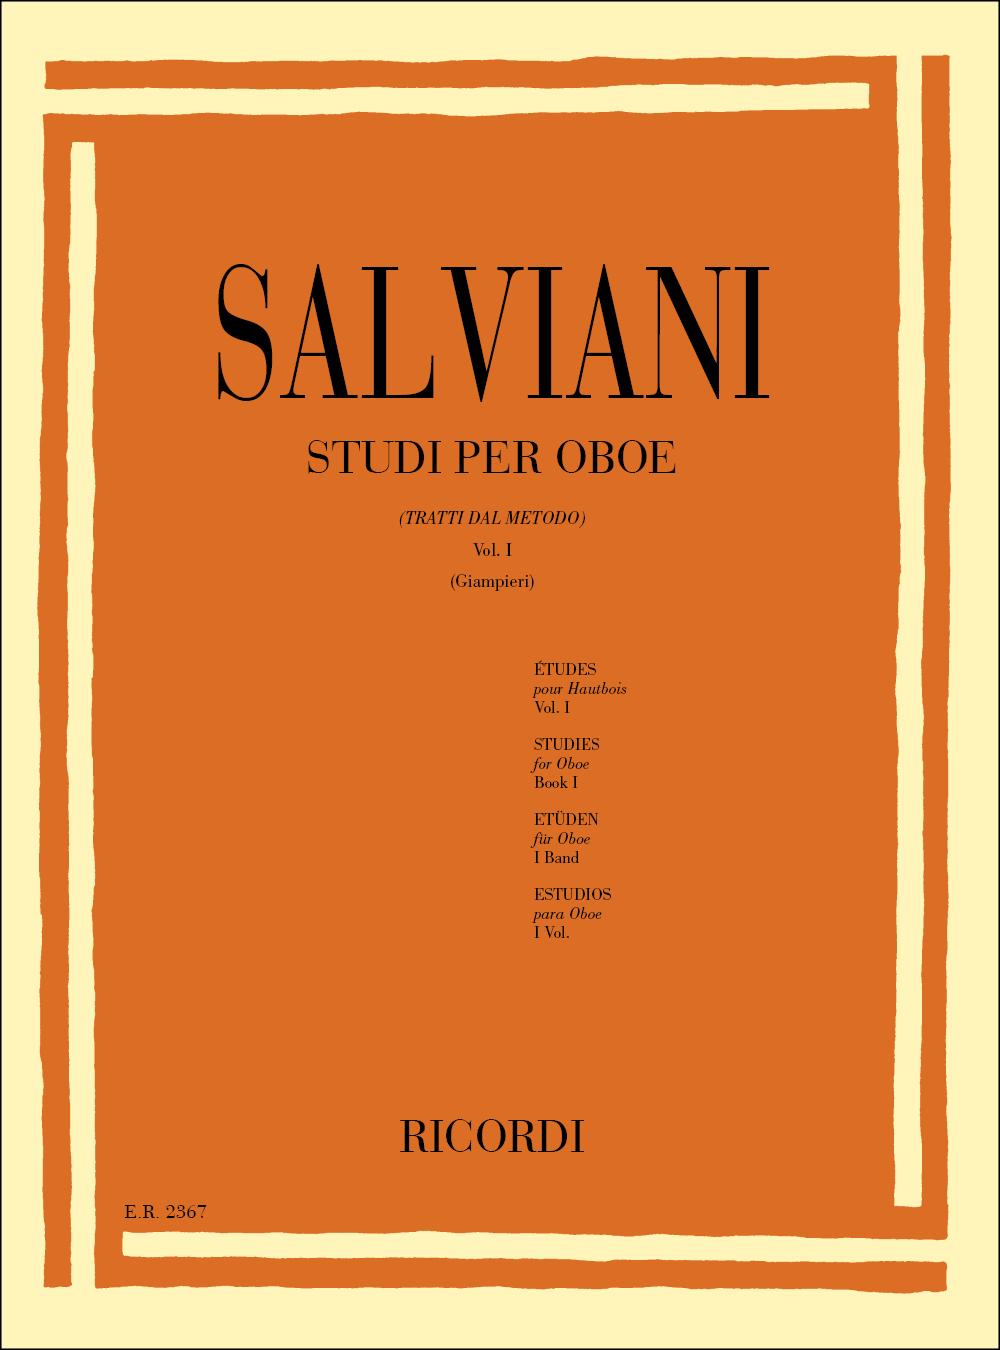 C. Salviani: Studi per oboe (tratti dal Metodo) Vol. I: Oboe: Instrumental Tutor